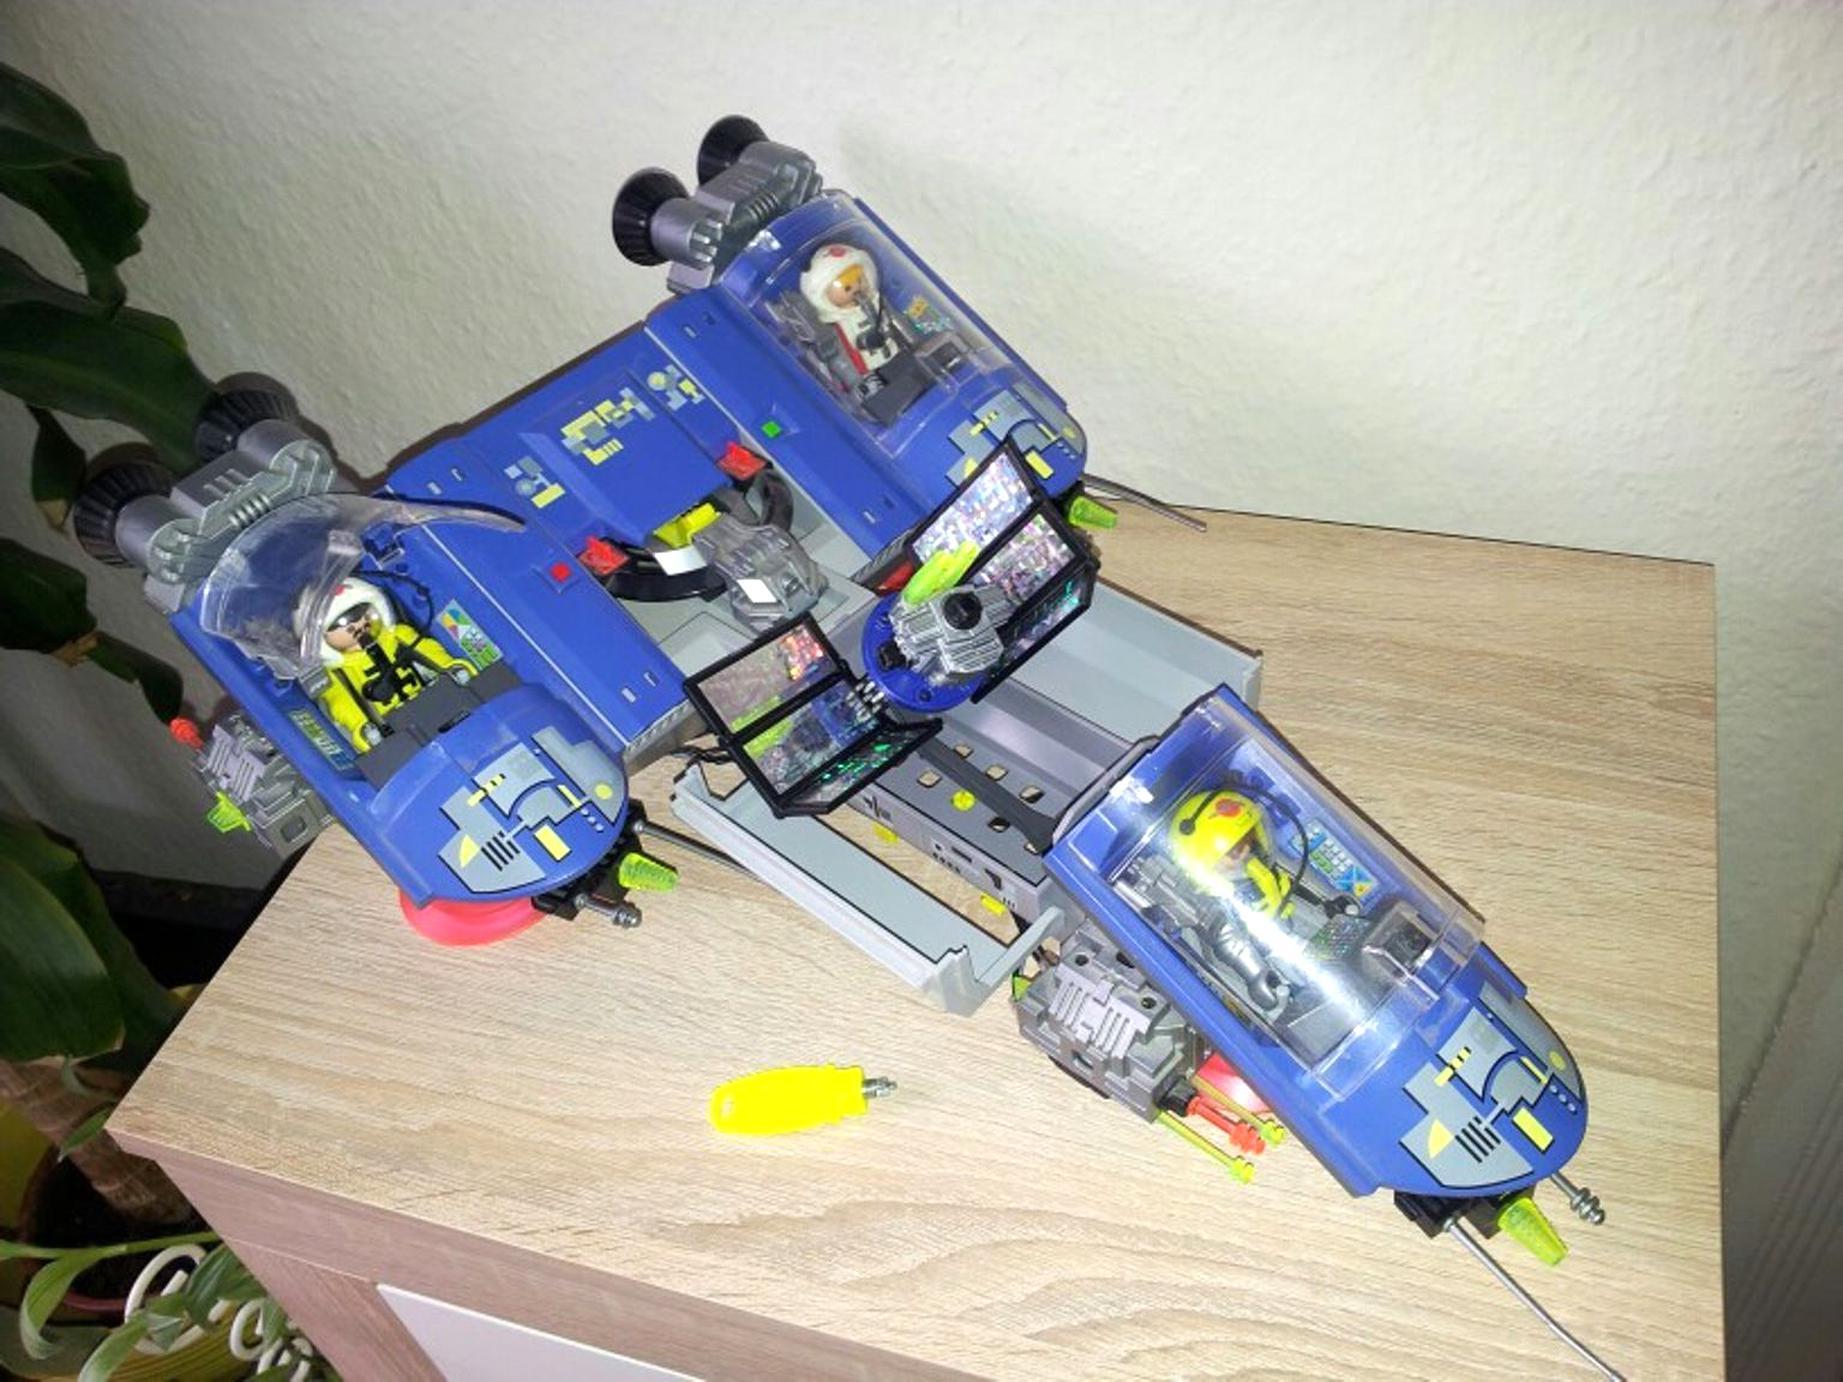 Playmobil Raumschiff Gebraucht Kaufen! Nur 4 St. Bis -60 in Playmobil Raumstation